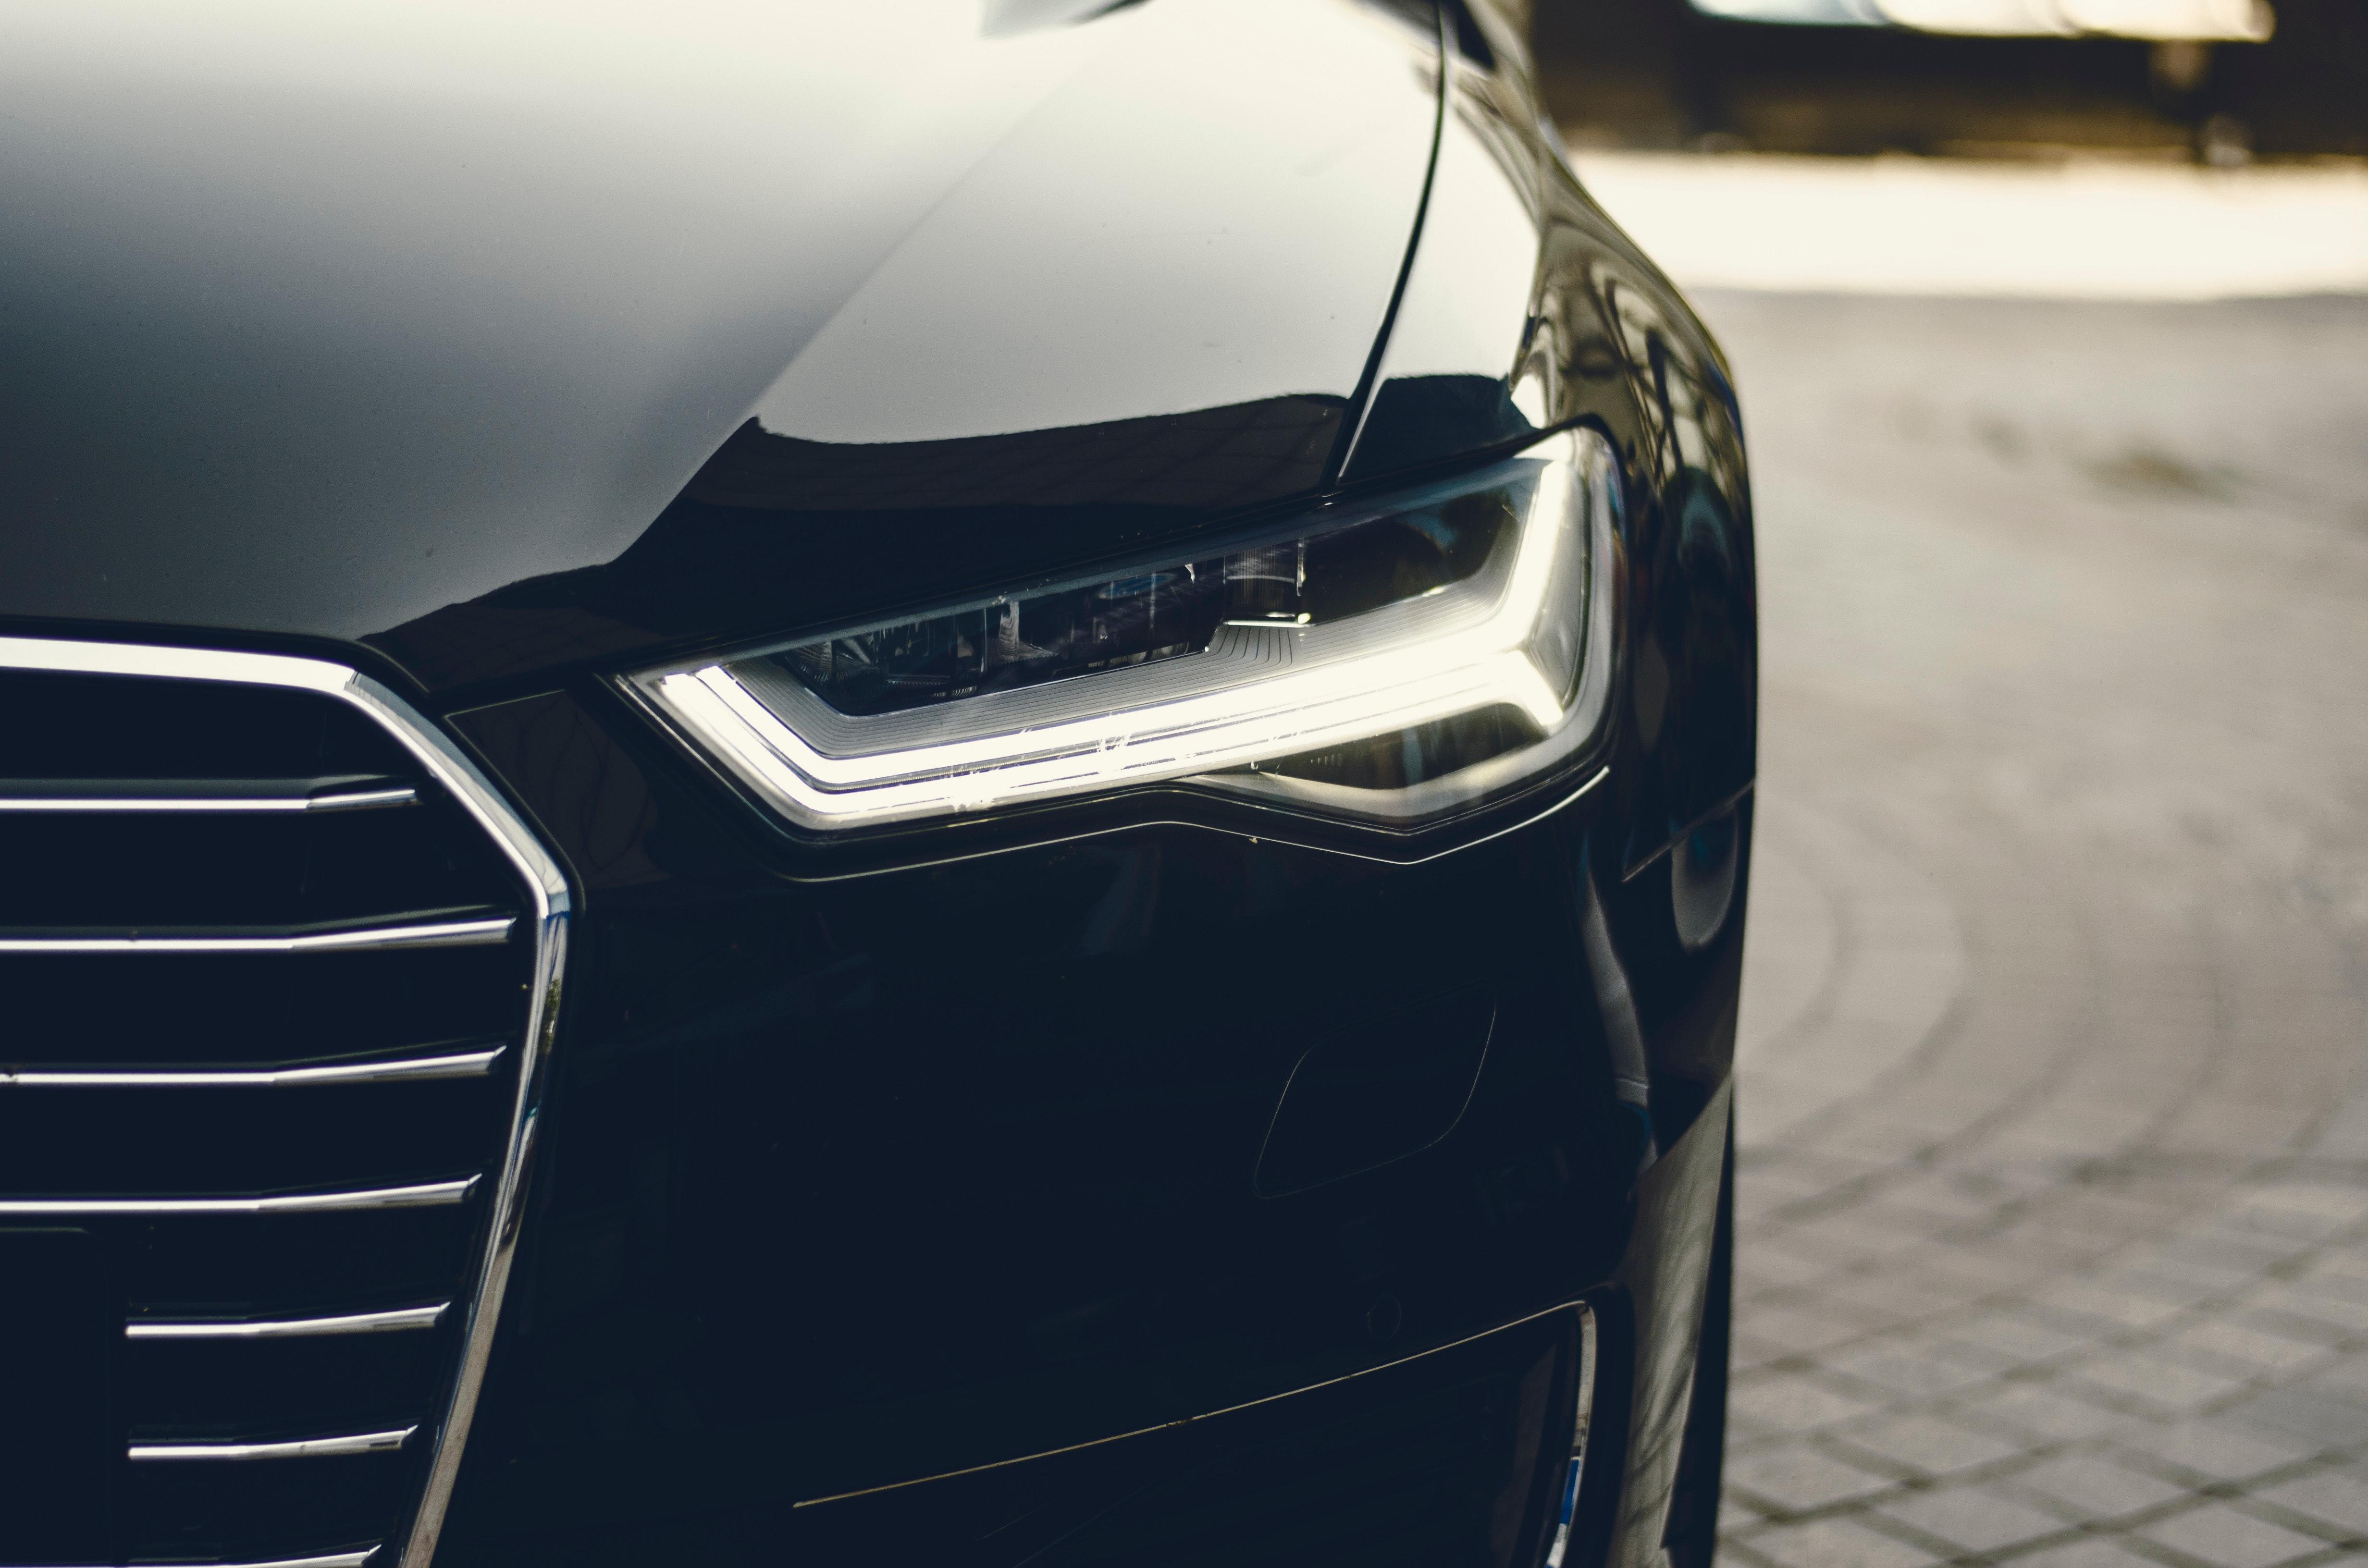 Quais os modelos de carro mais adequados para o ambiente urbano?